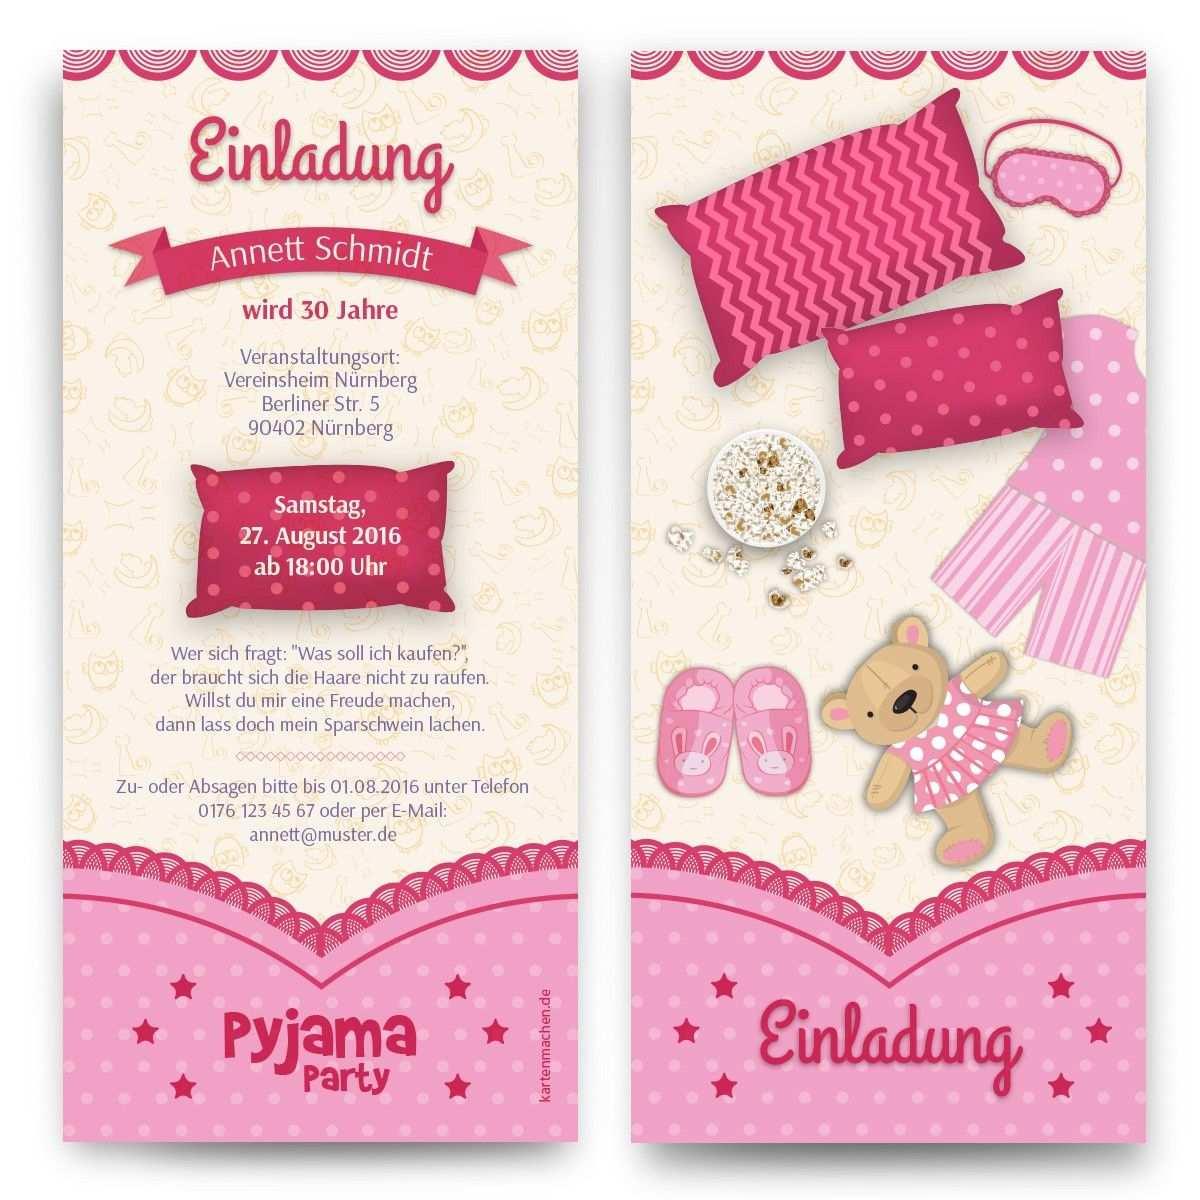 Einladungen Pyjama Party Einladung Geburtstag Einladung